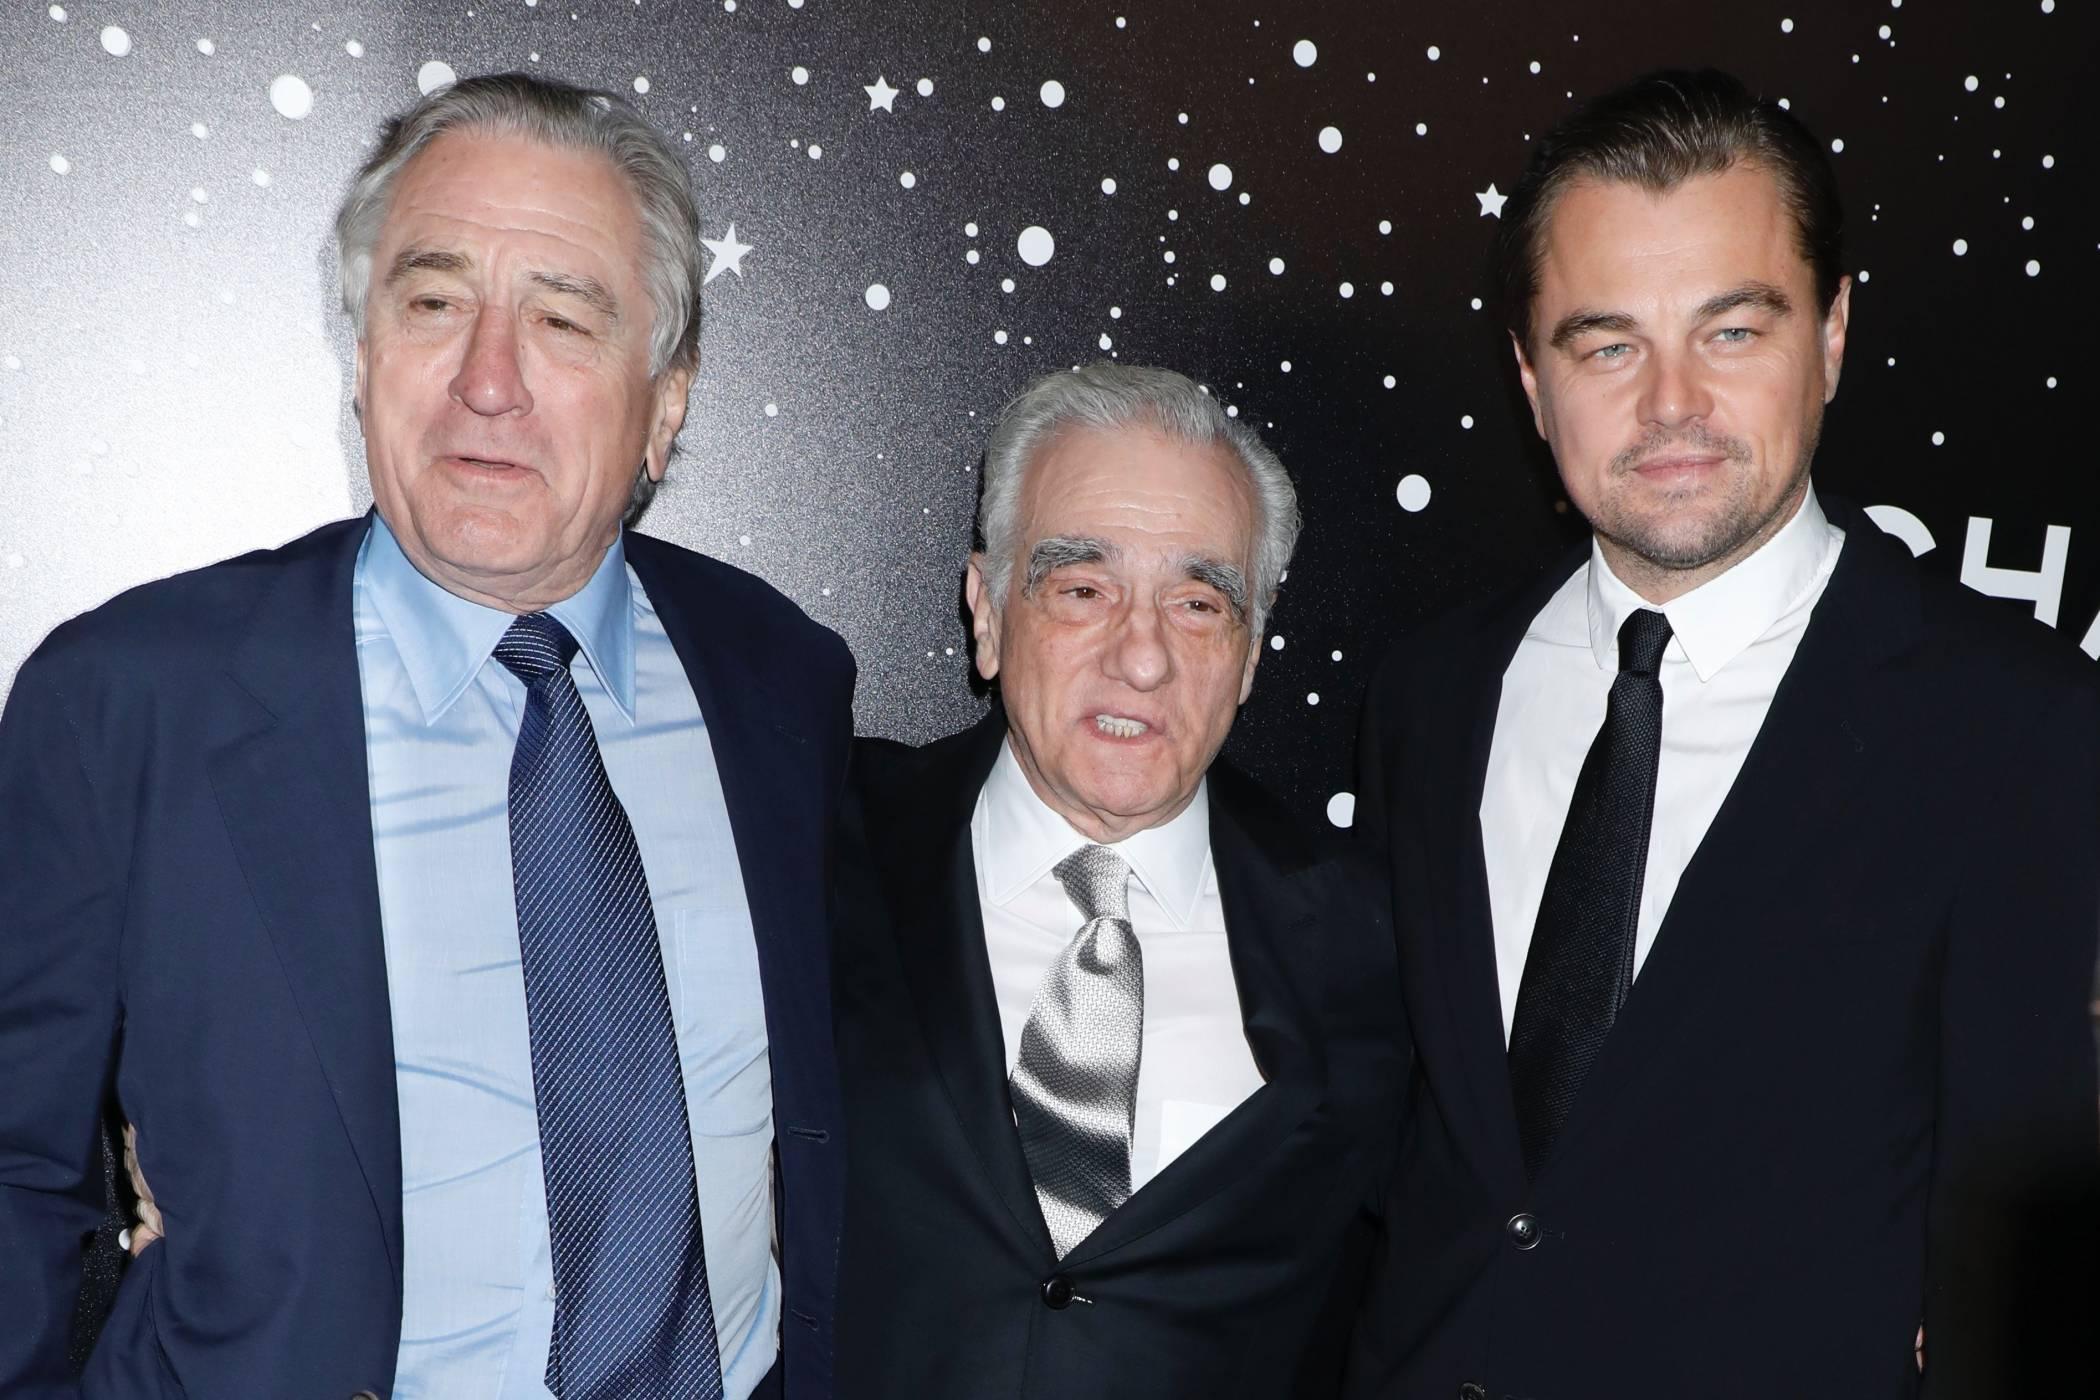 Мартин Скорсезе събира Лео ди Каприо и Робърт де Ниро в един хитов филм